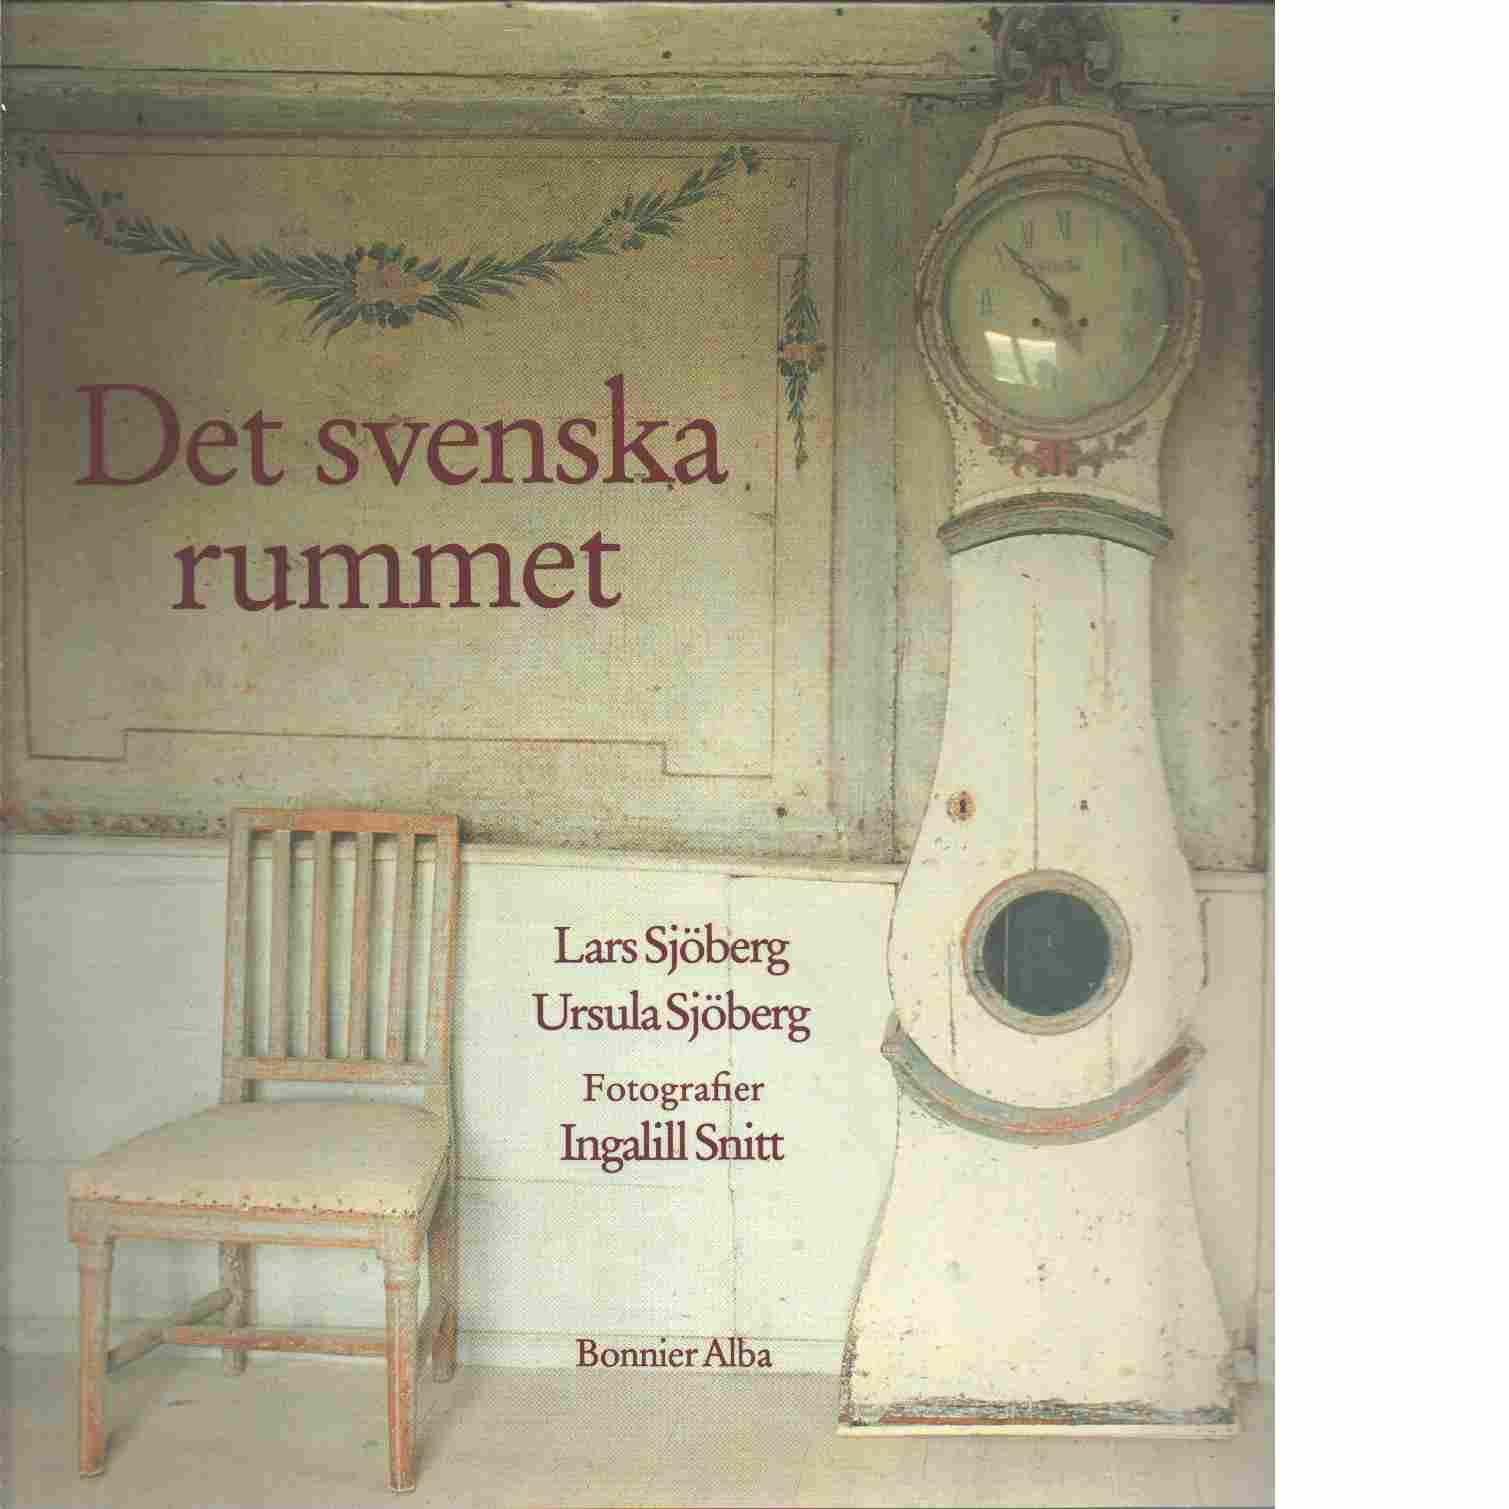 Det svenska rummet - Sjöberg, Lars och Ursula samt Snitt, Ingalill